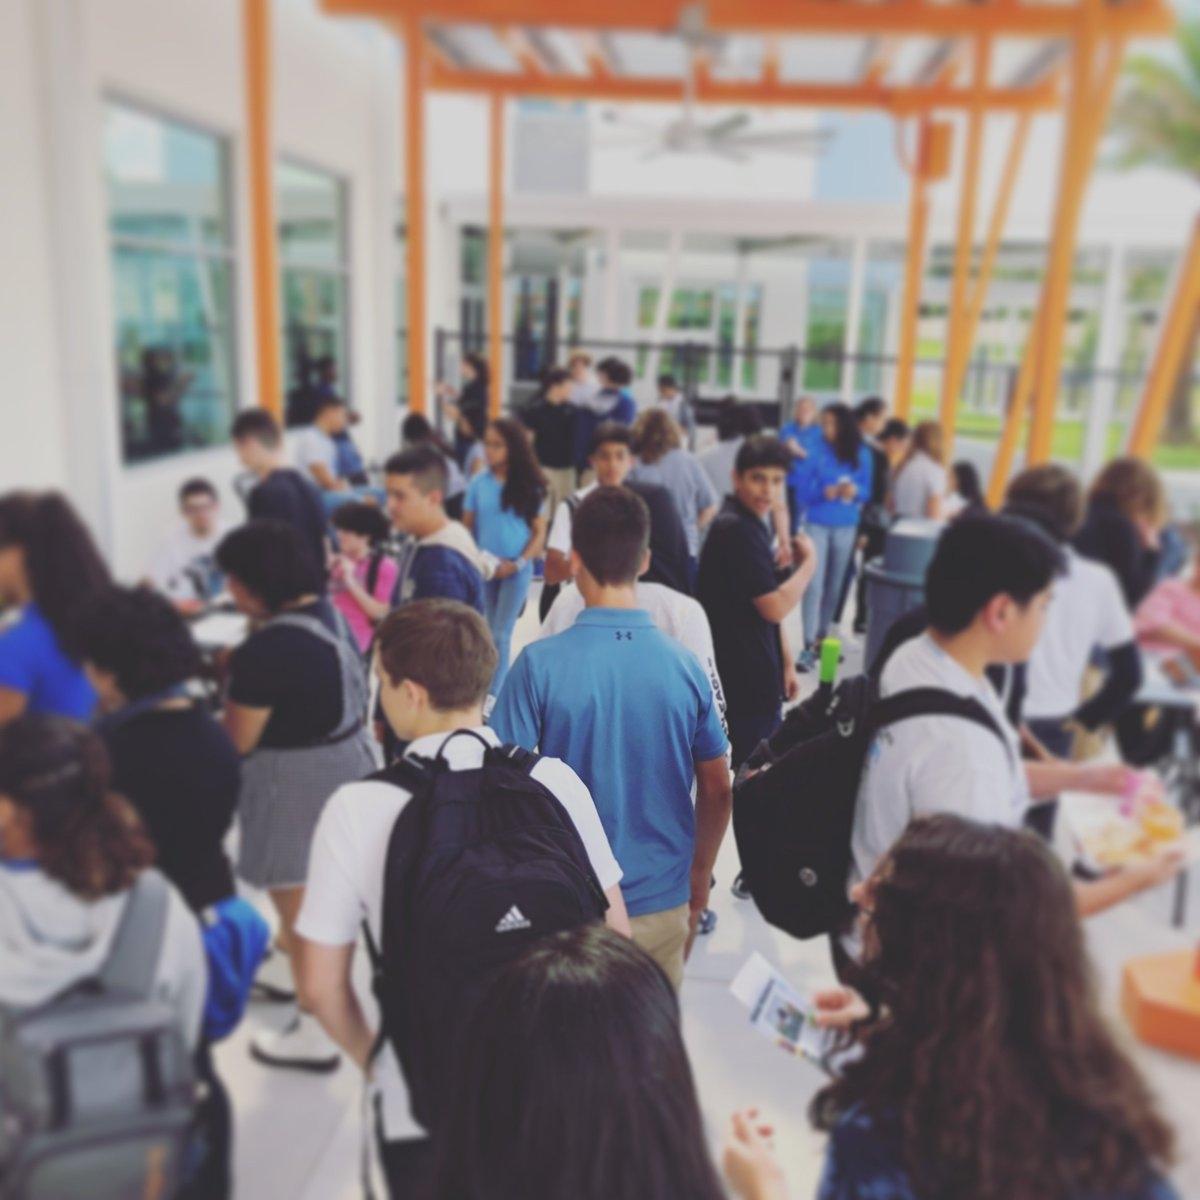 NeoCity Students